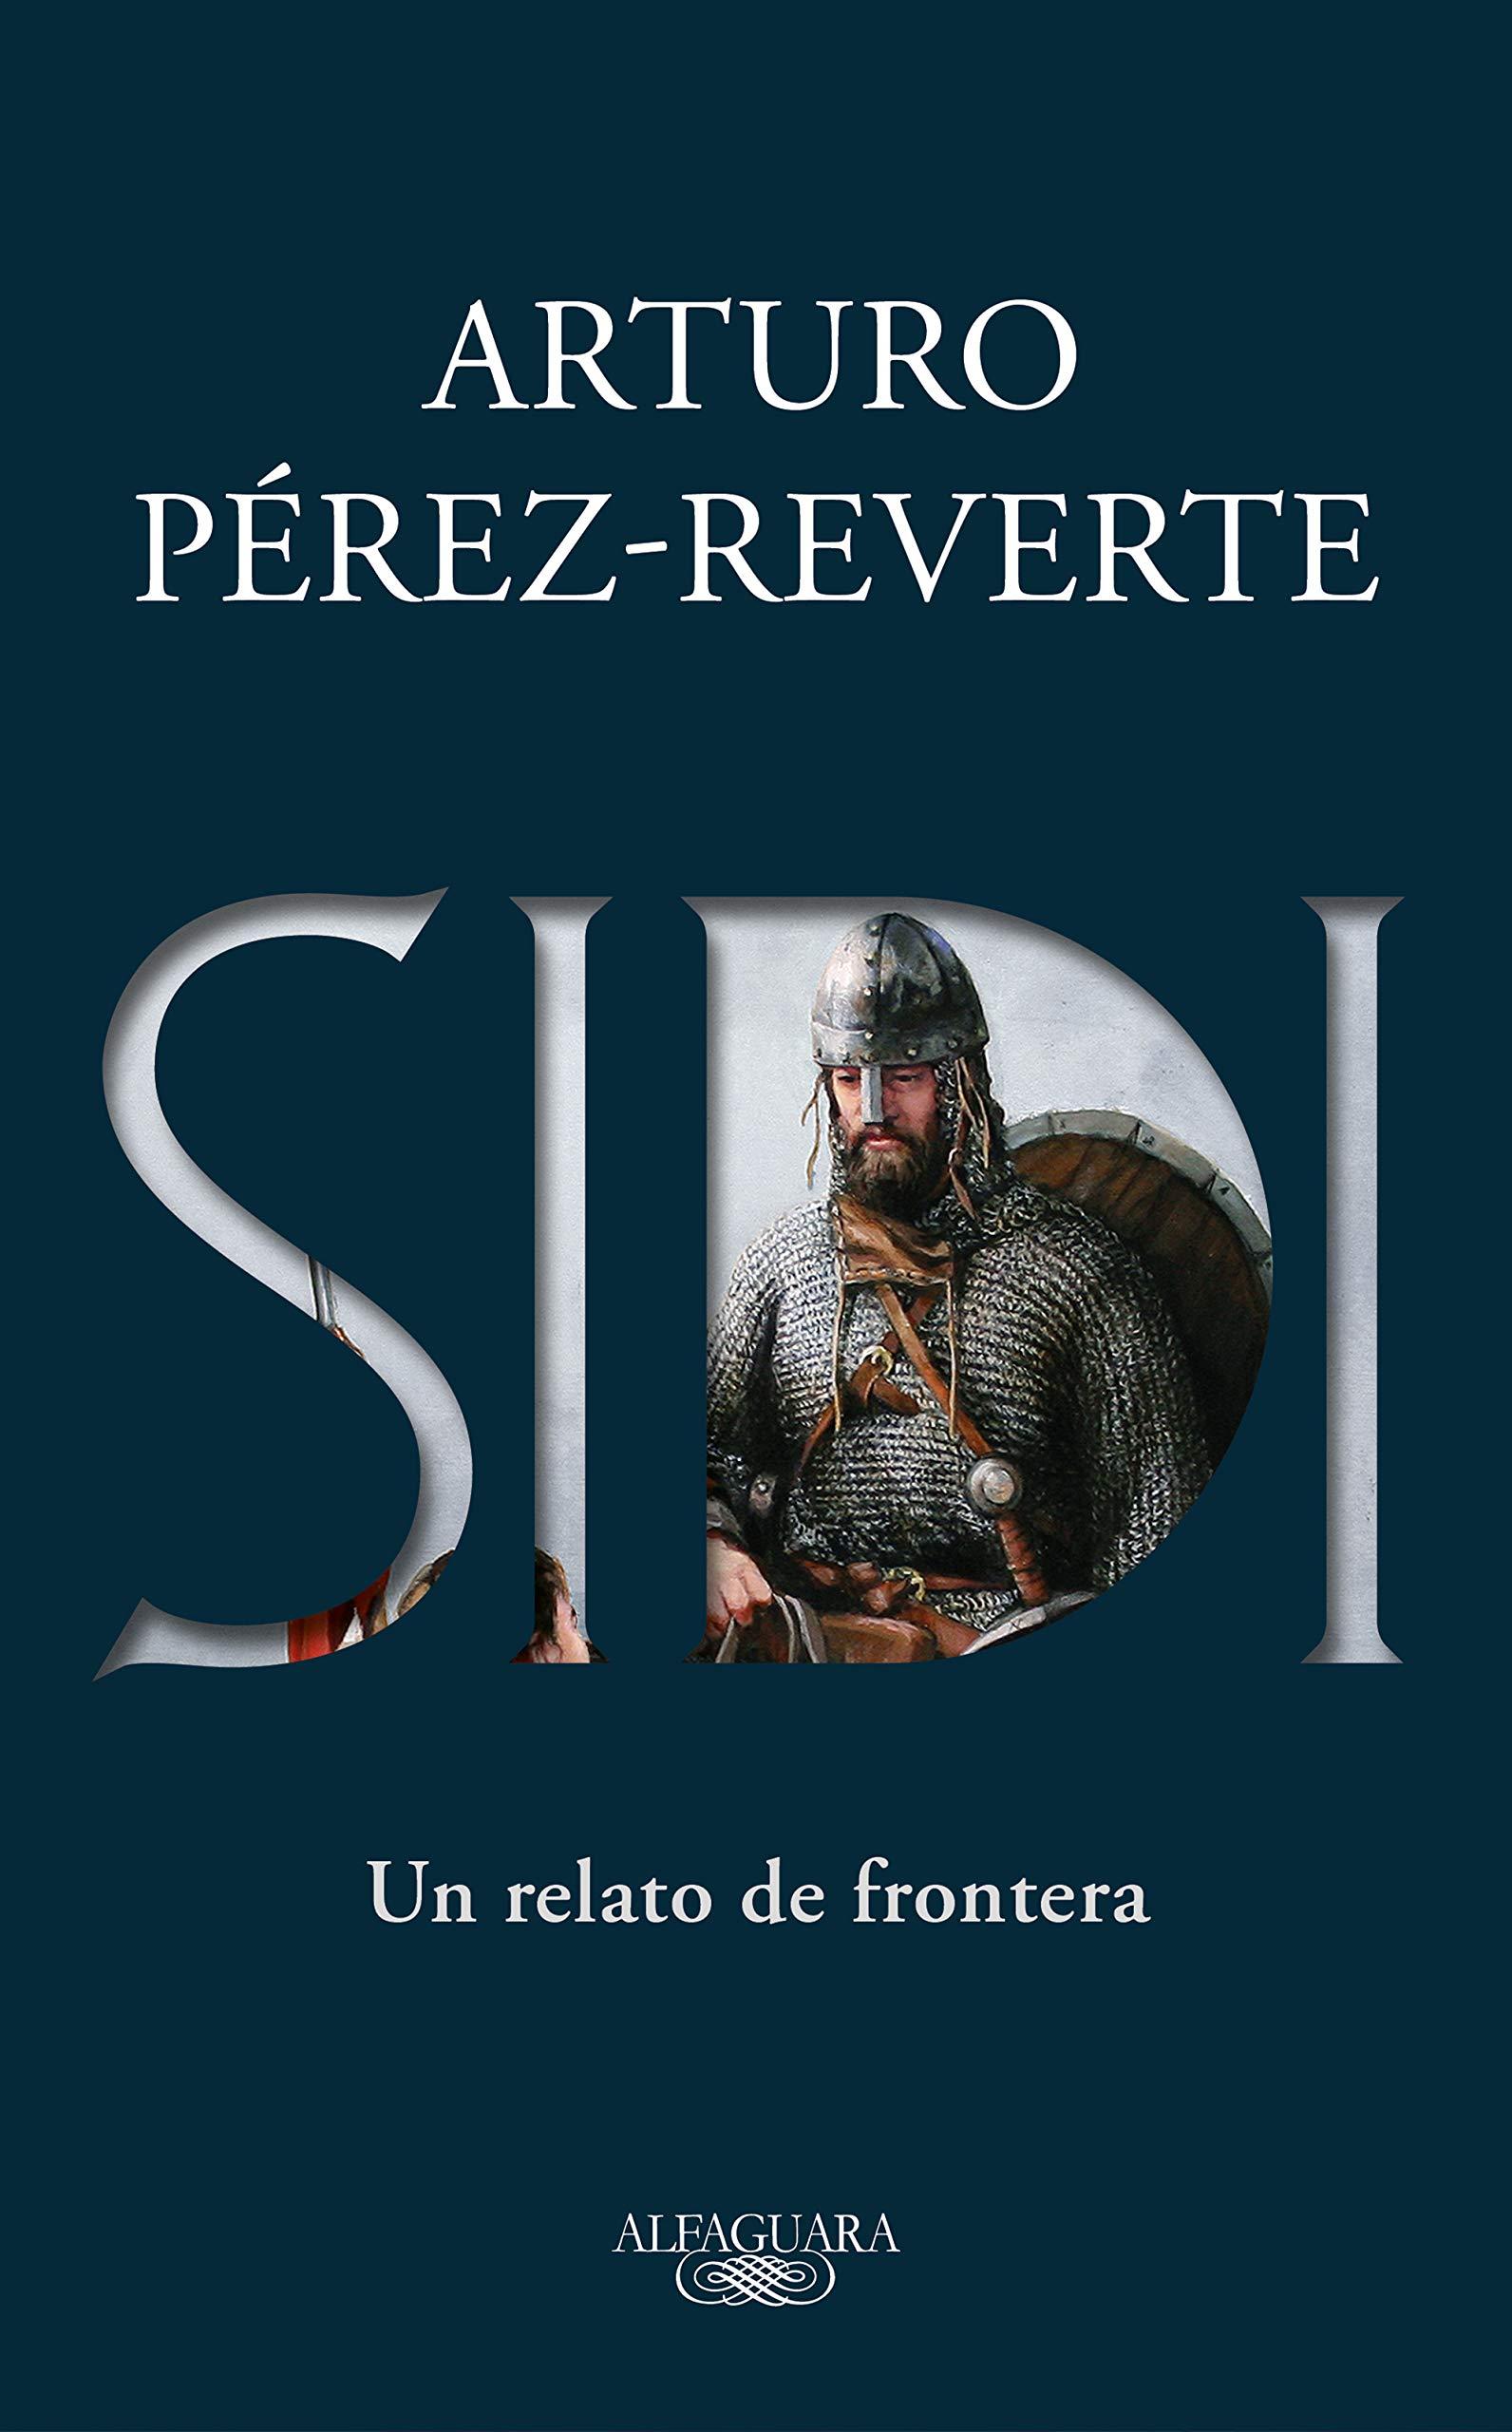 Sidi por Arturo Pérez-Reverte